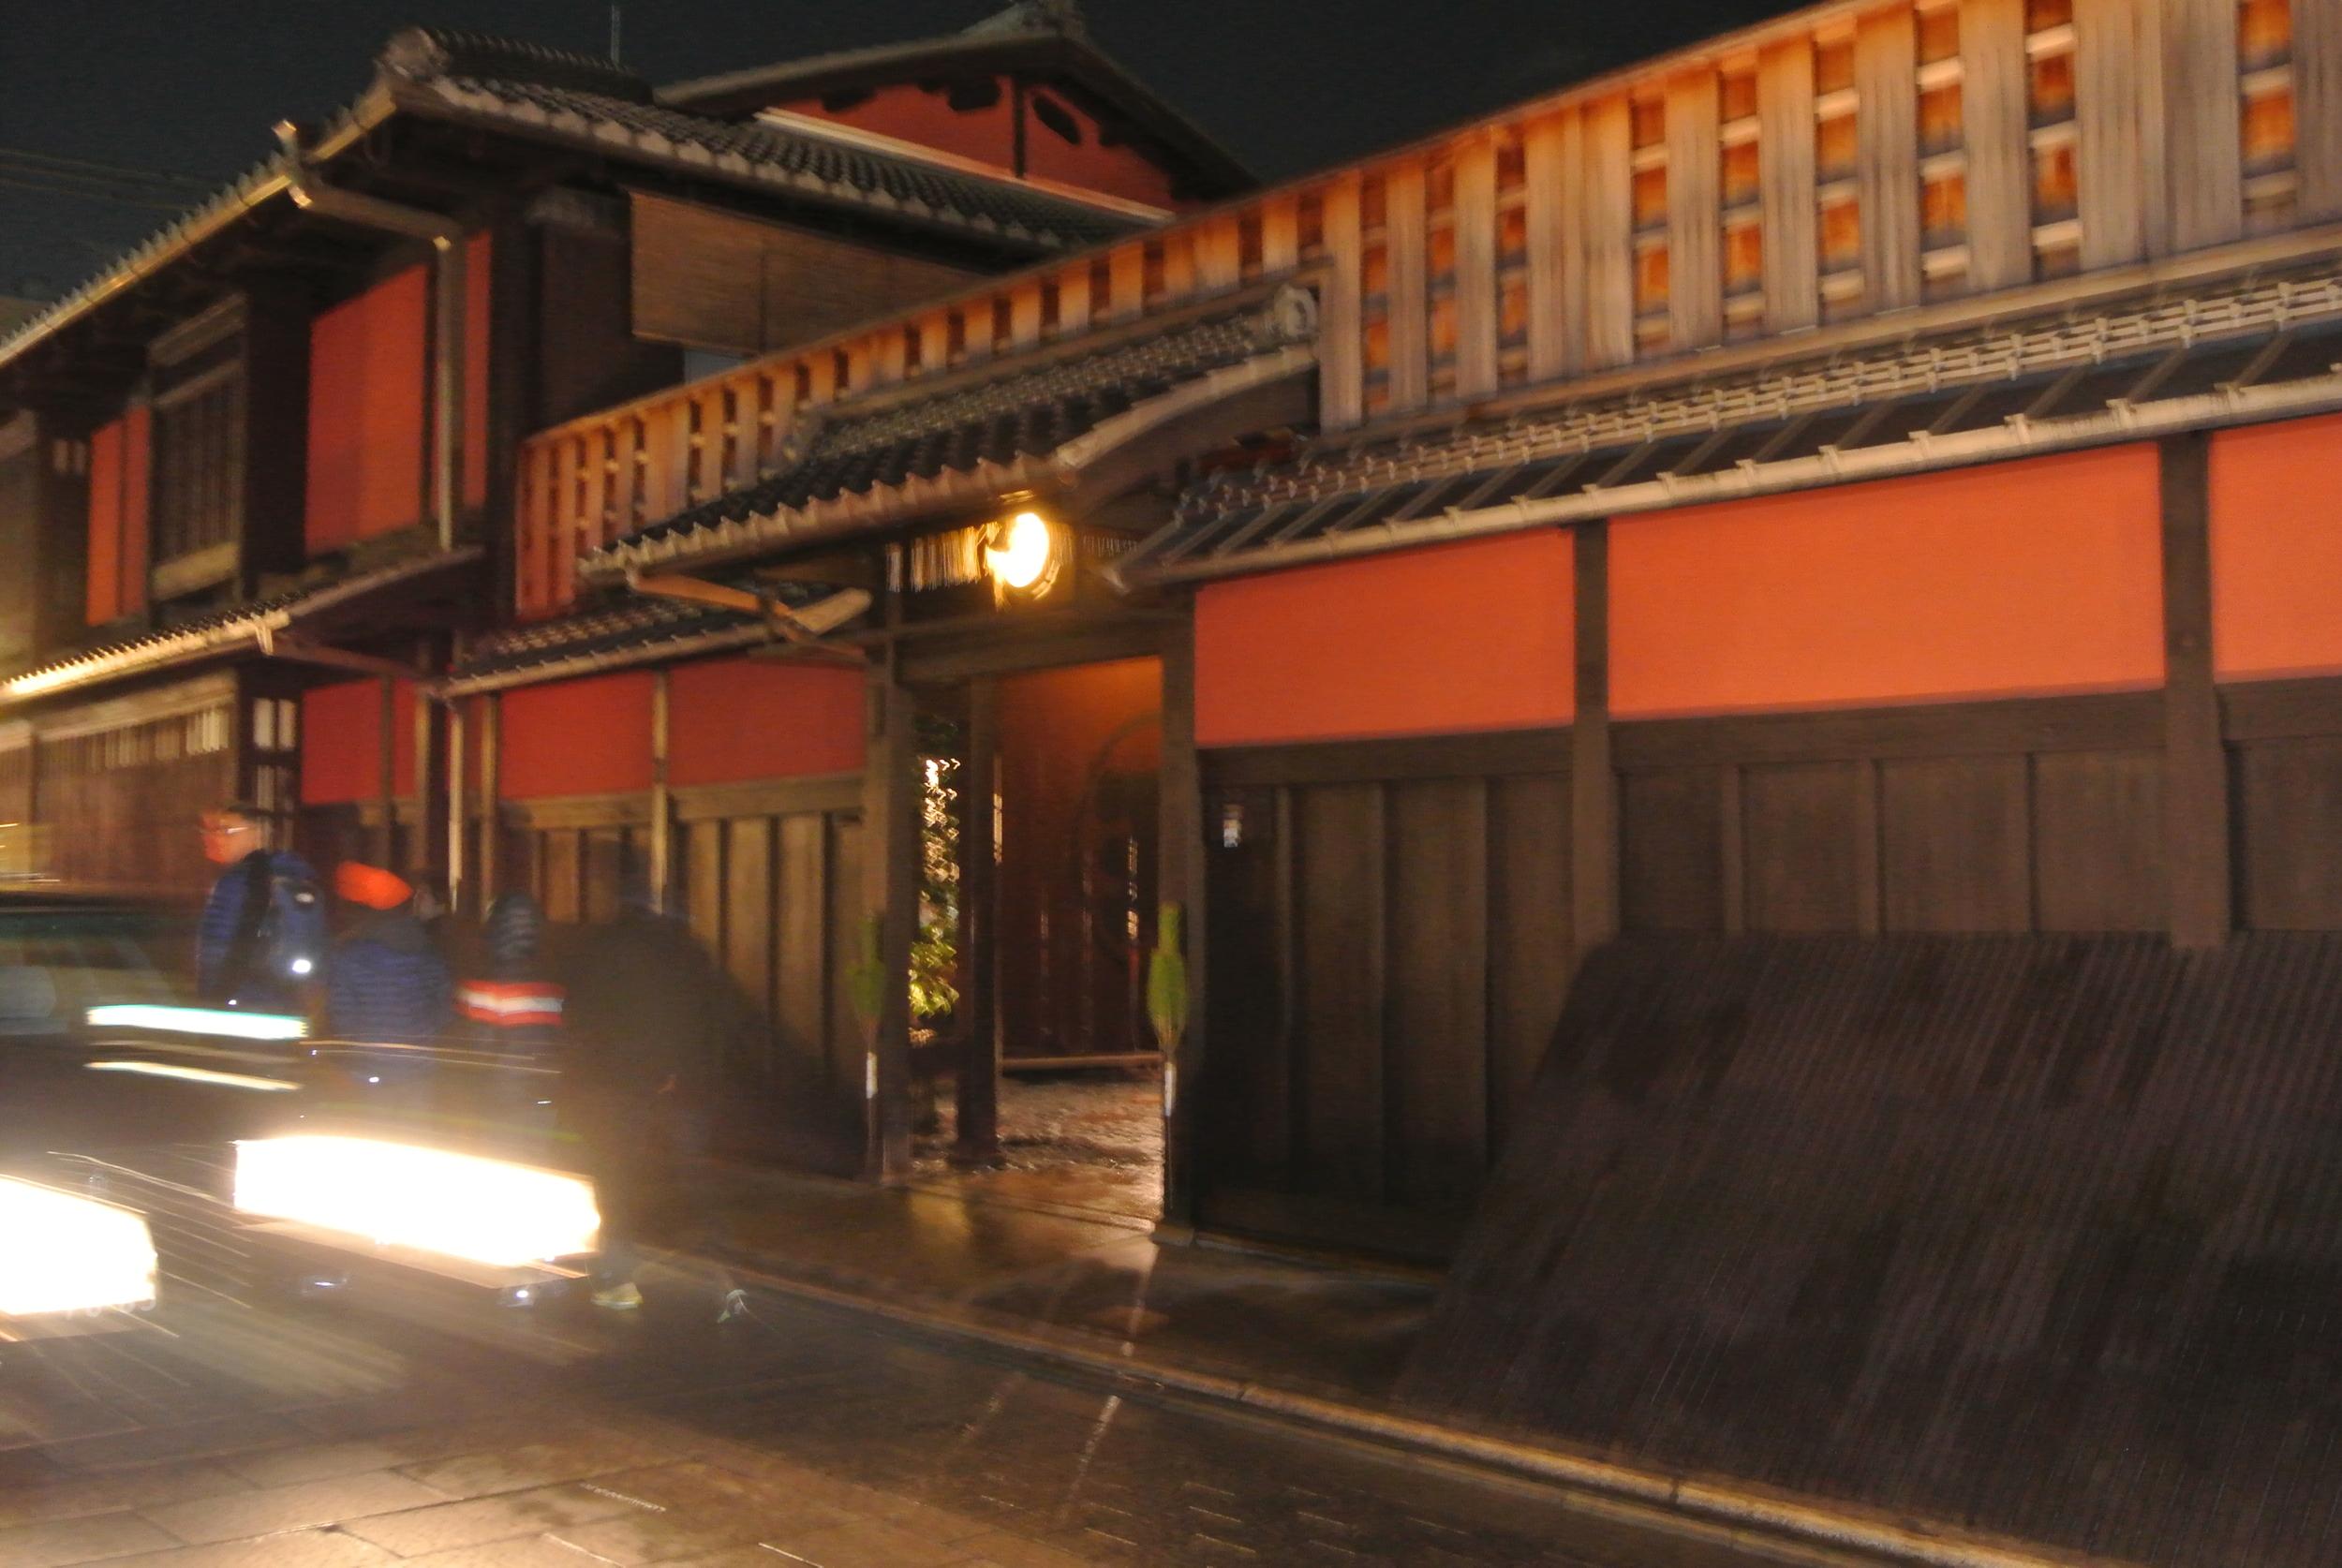 Ichiriki Chaya - Famous Geisha Teahouse in Gion, Kyoto